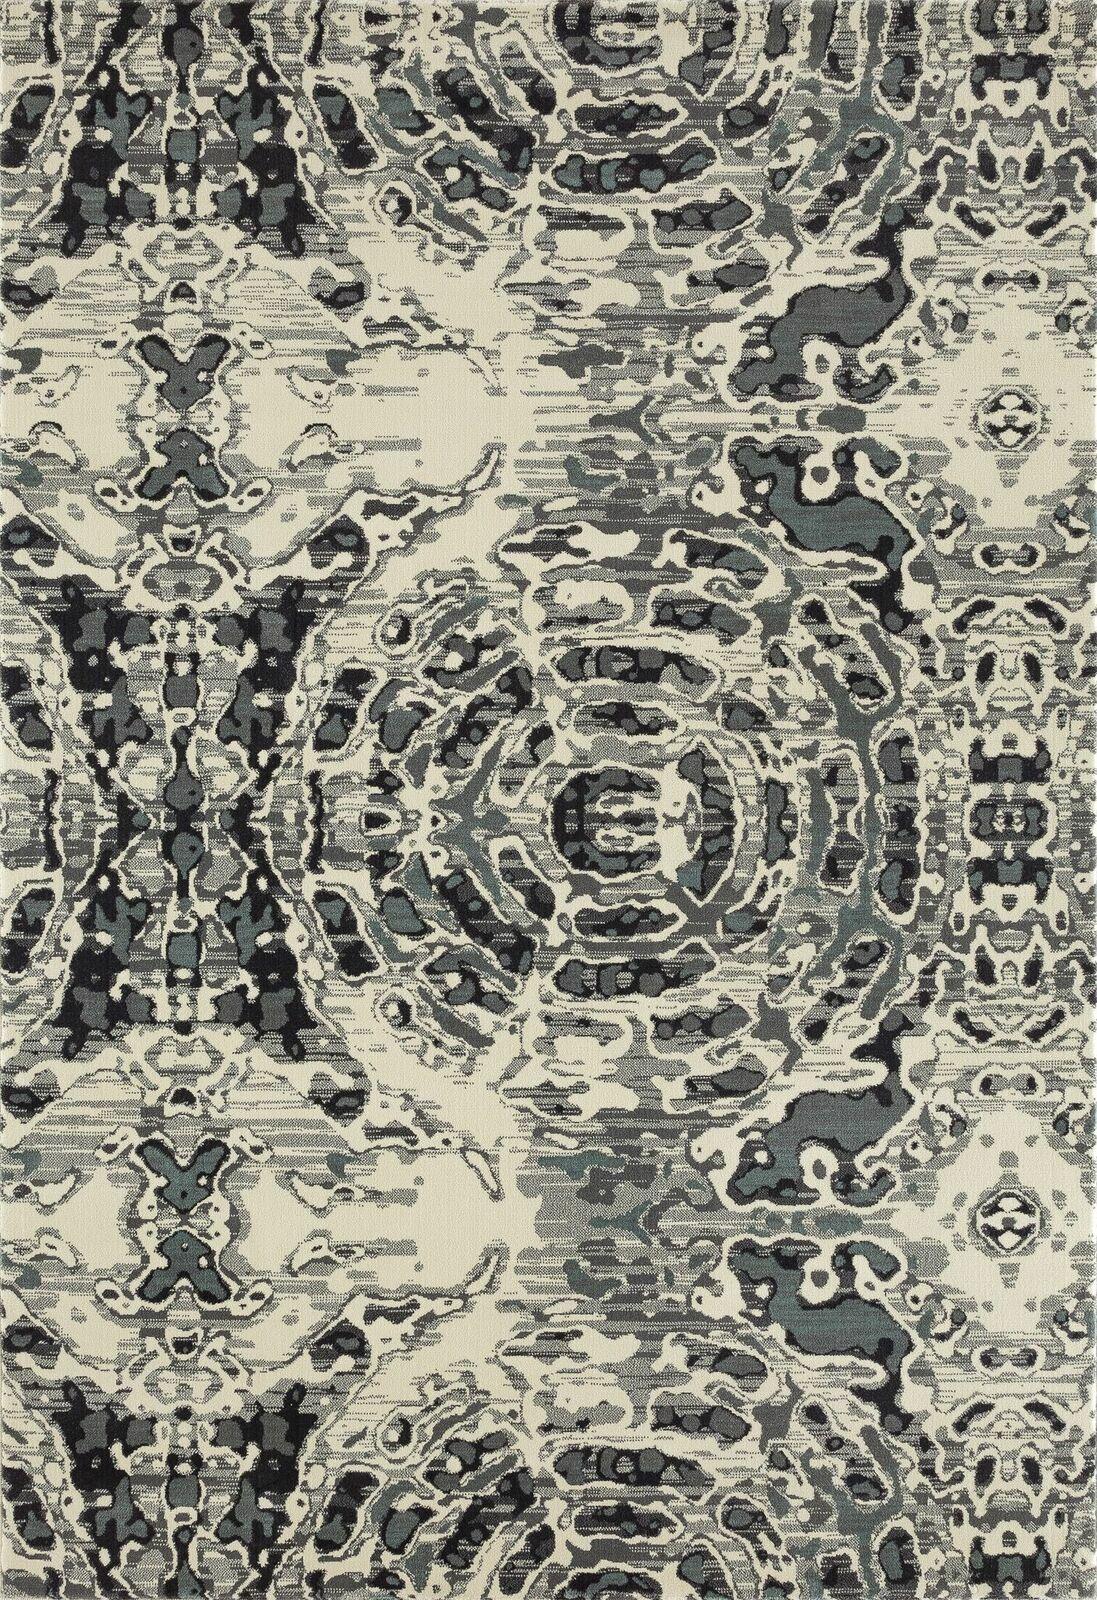 Hershberger Gray/Beige Area Rug Rug Size: 3'3 x 4'11